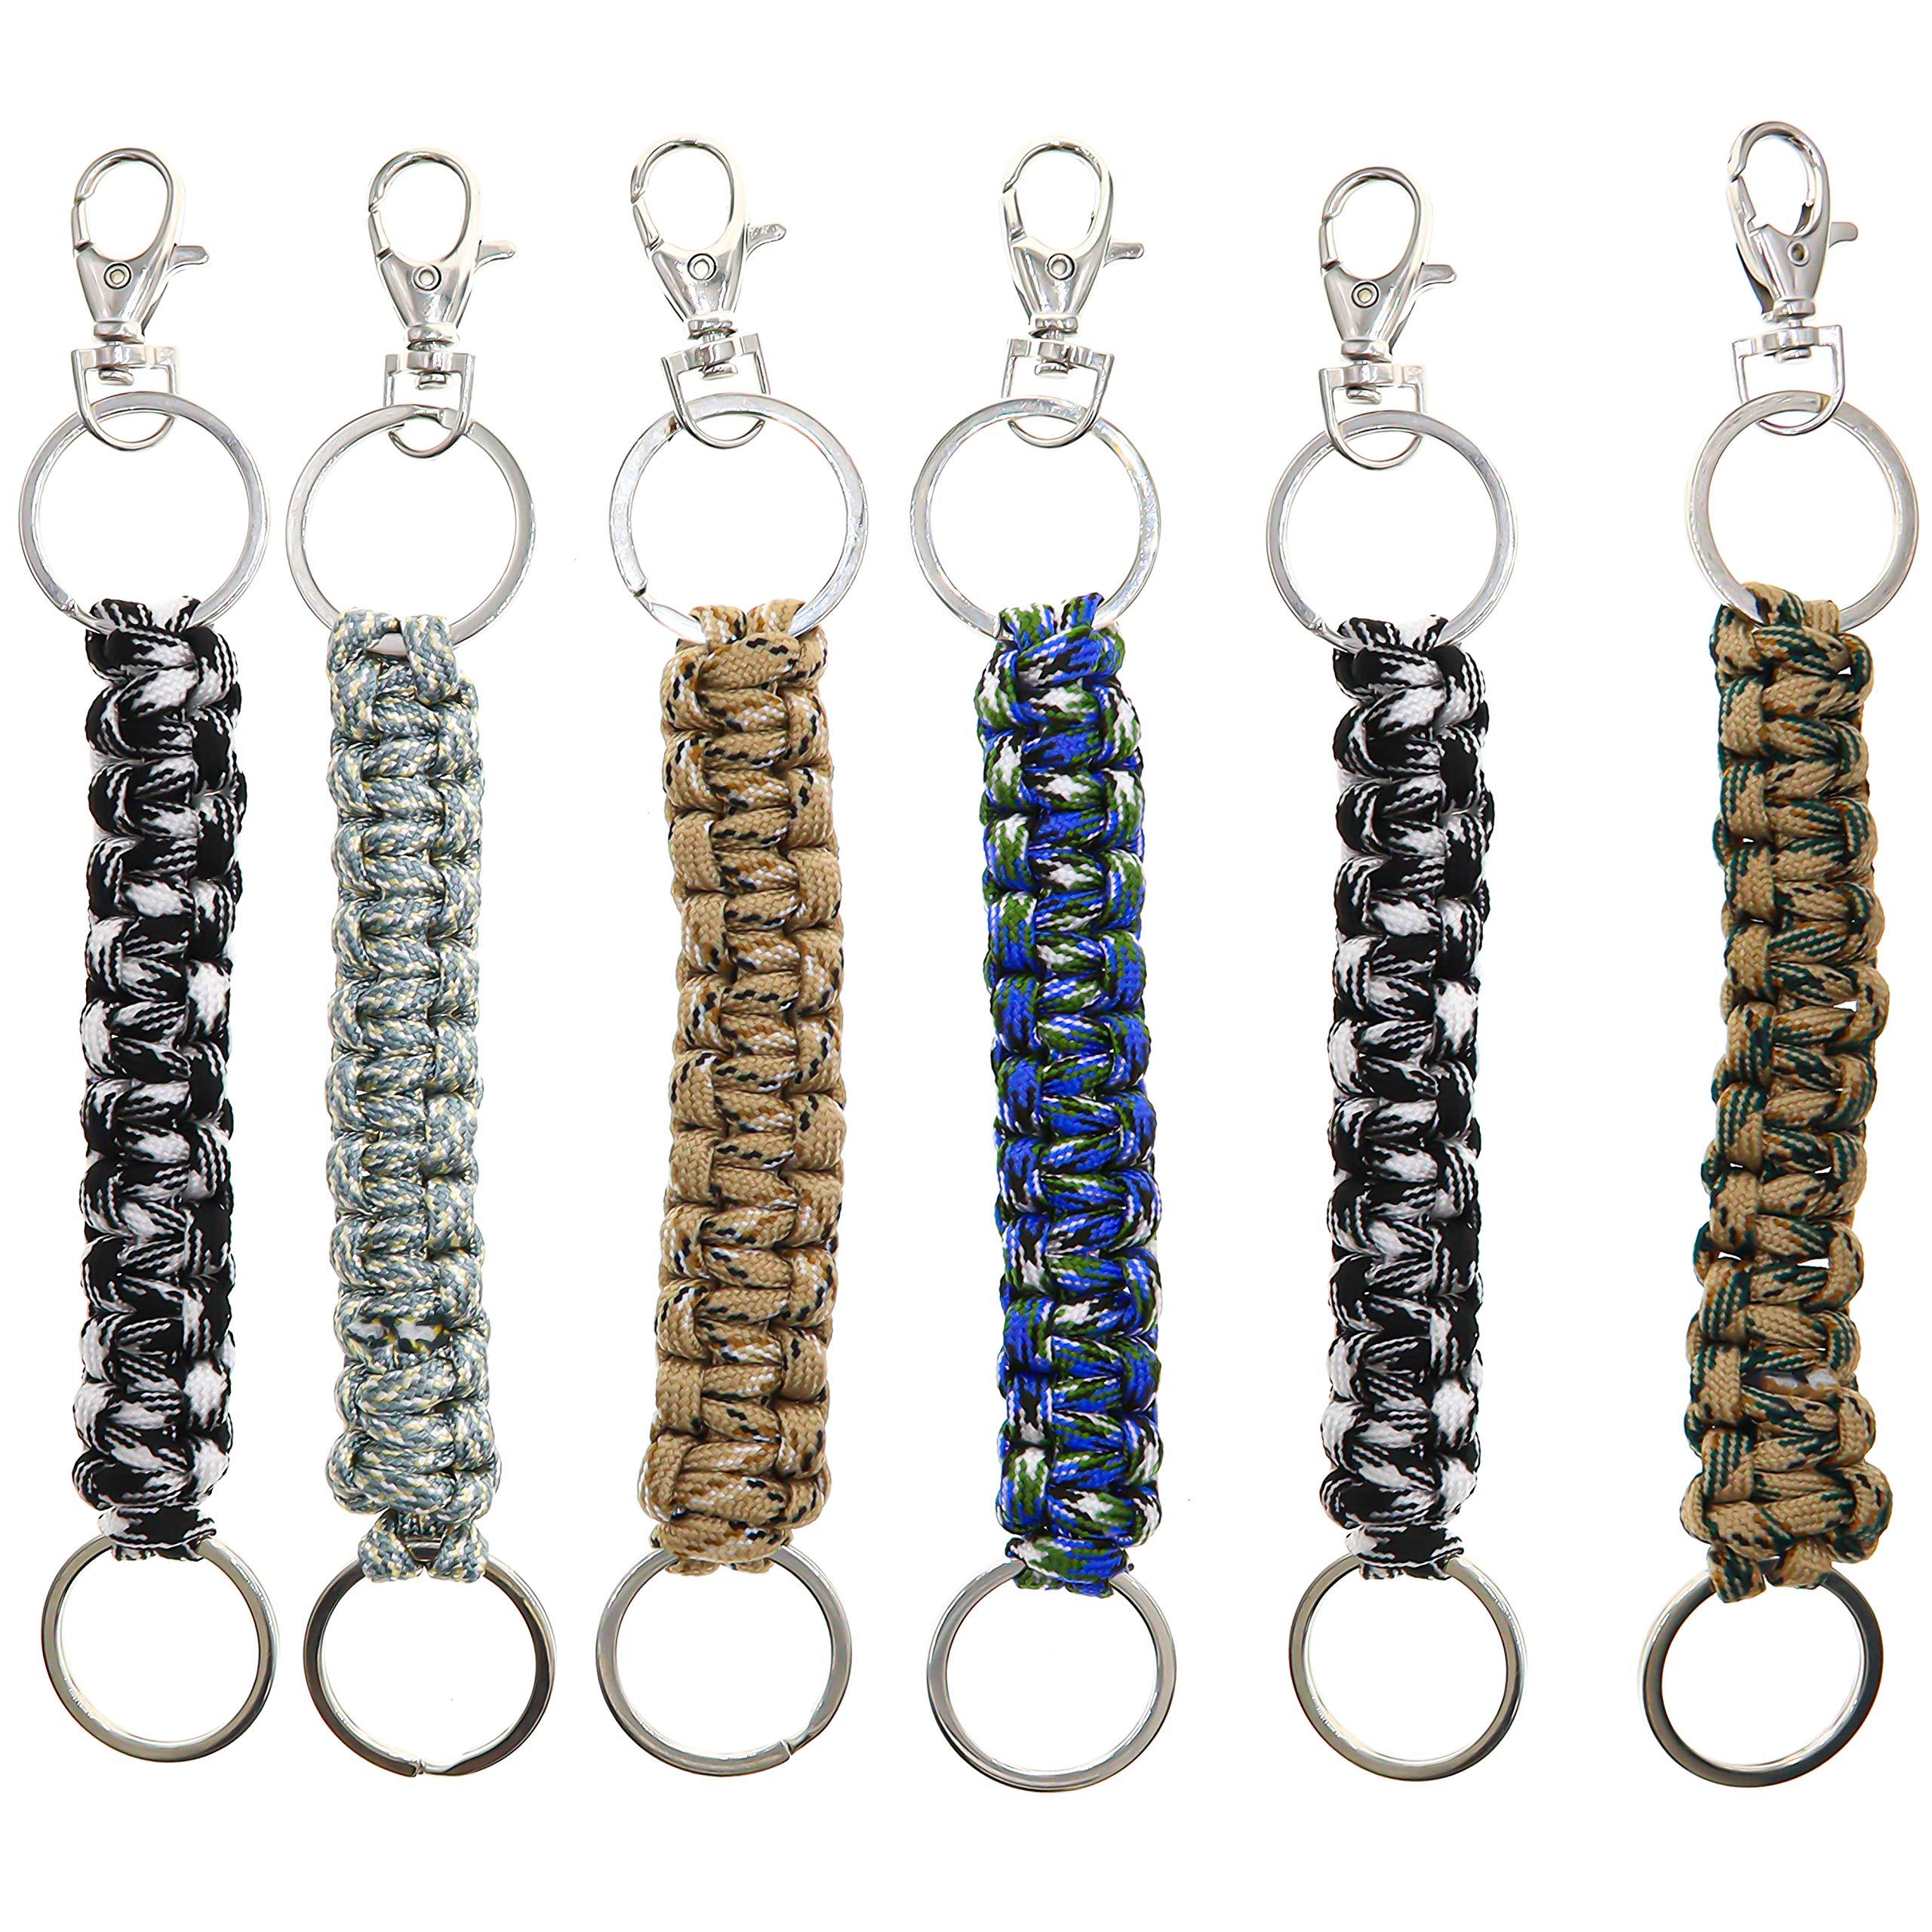 Paracord Keychain Keyrings Handmade Parachute